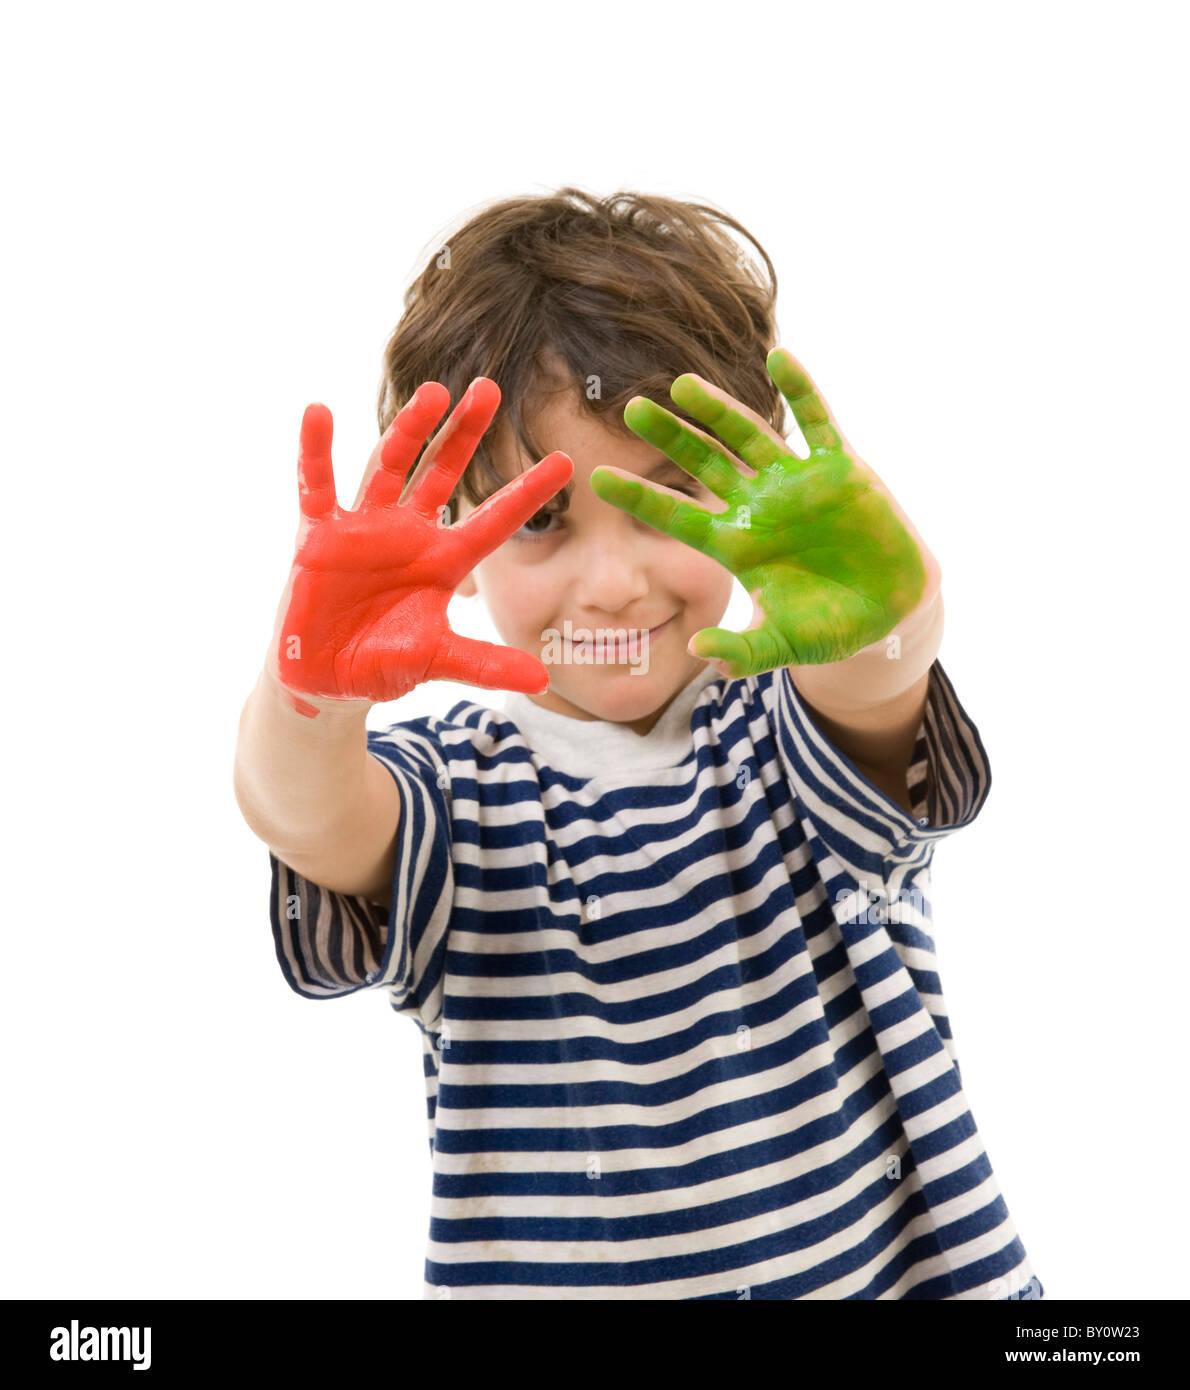 Jeune garçon avec des mains peintes en rouge et vert Photo Stock